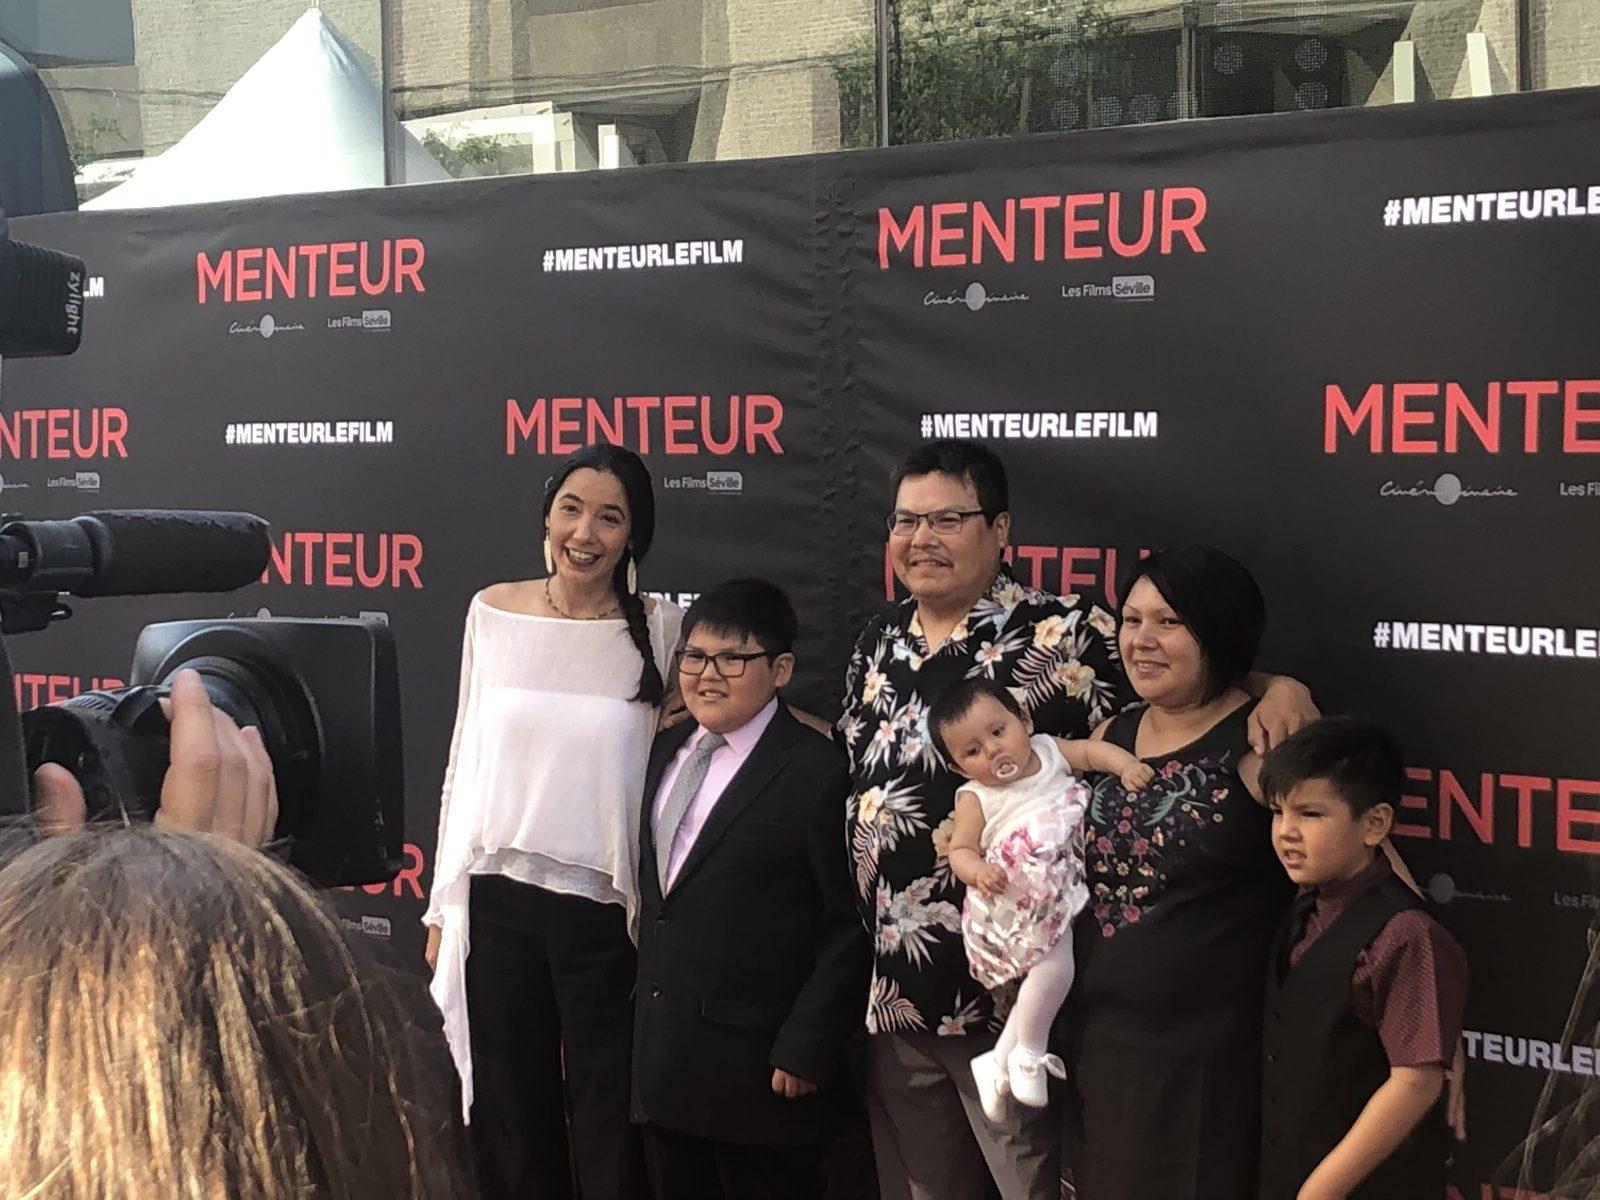 Le court-métrage d'un Innu de 10 ans diffusé en première partie du film Menteur